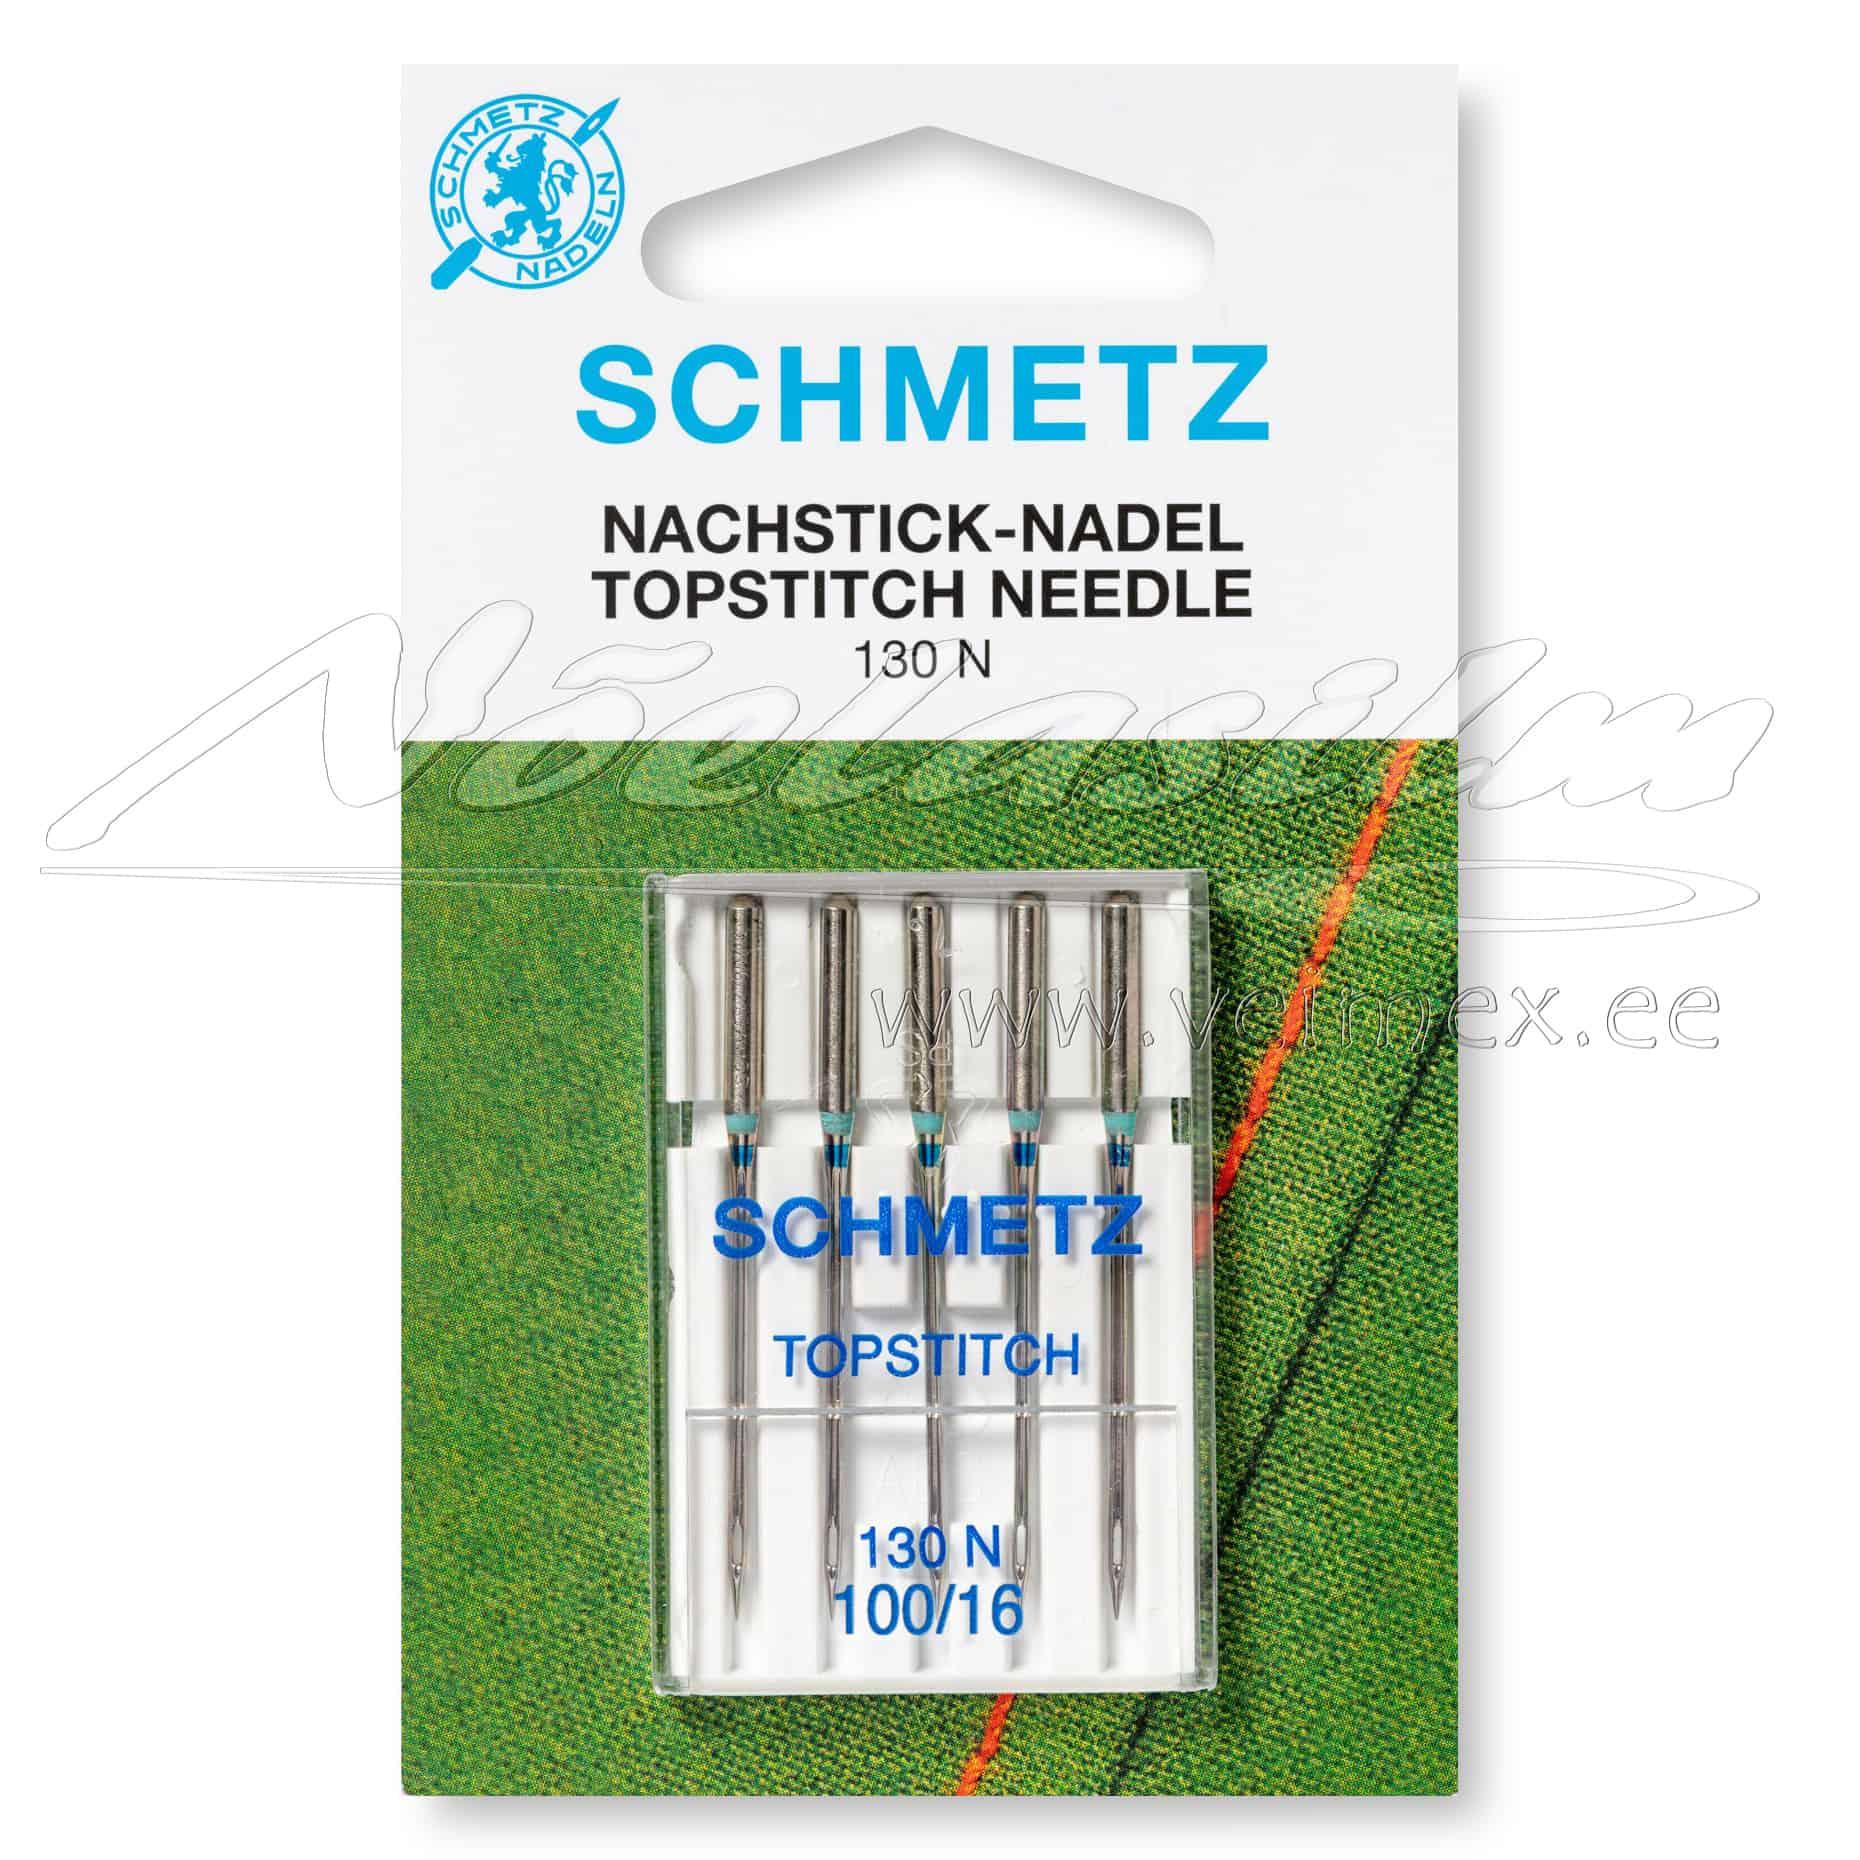 Õmblusmasina Nõelad Schmetz 130 N Topstitch 5x100/16